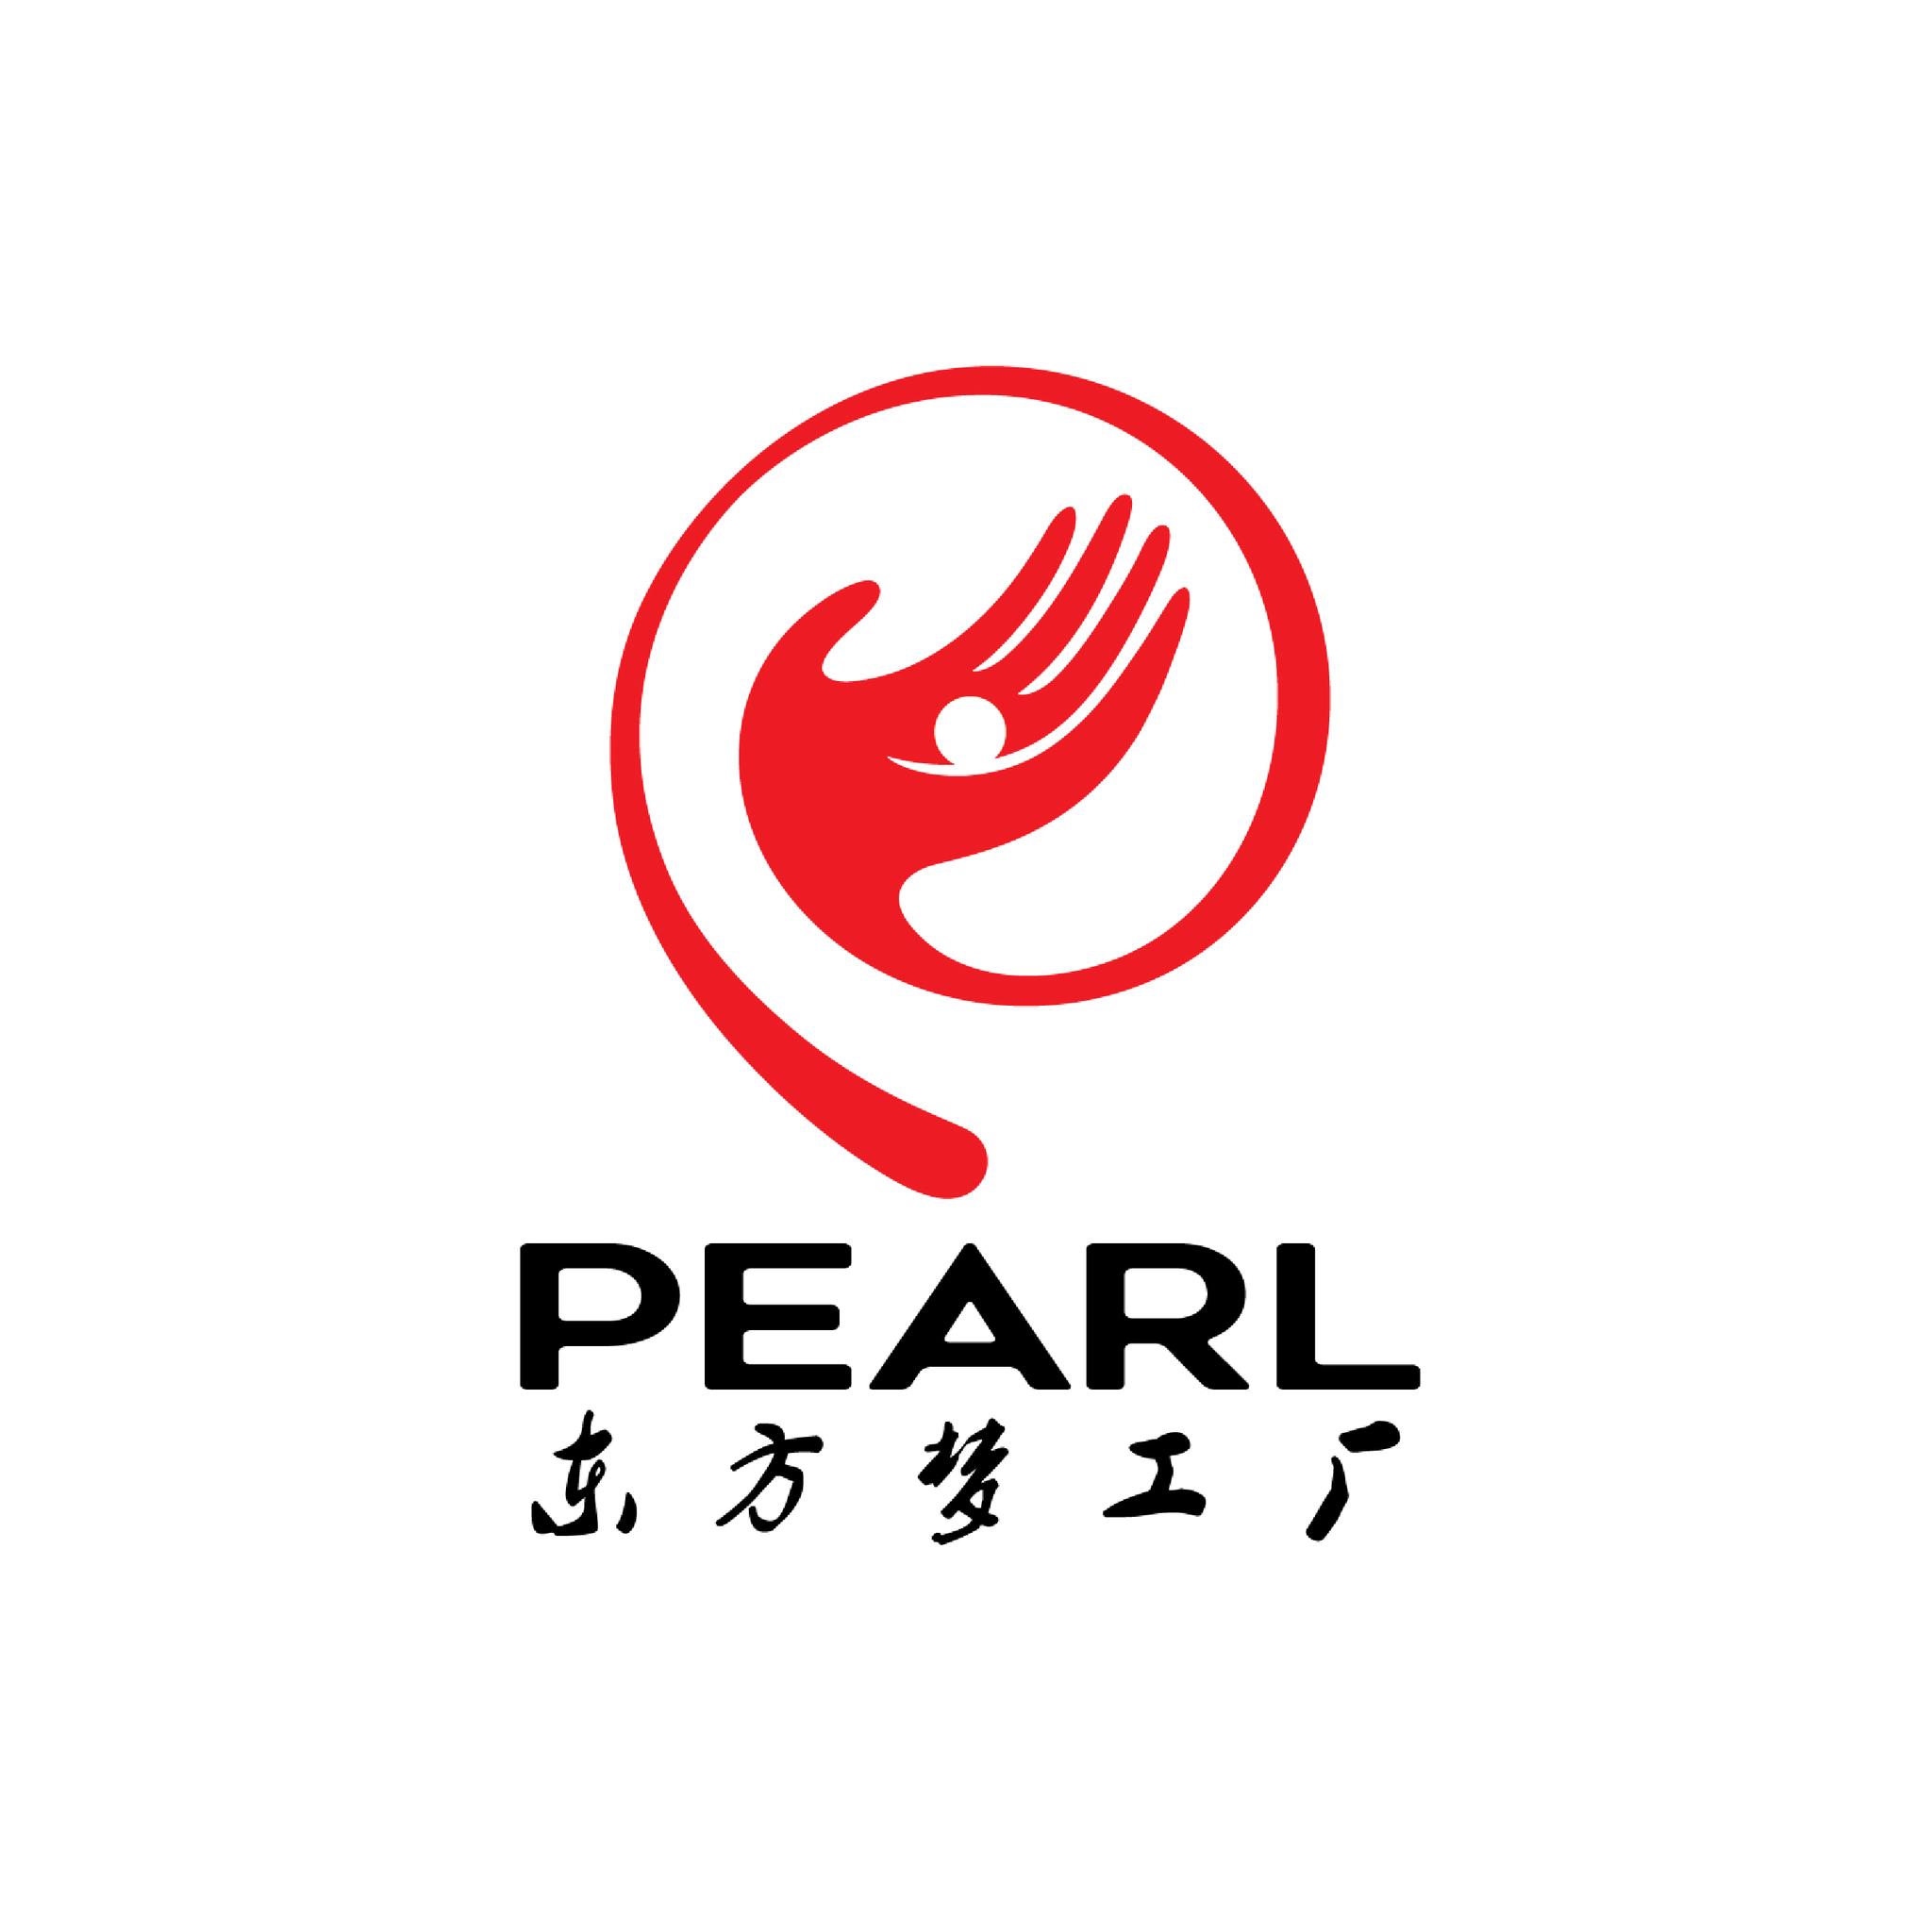 华人文化全资控股东方梦工厂 并为其启用新的英文名称及Logo